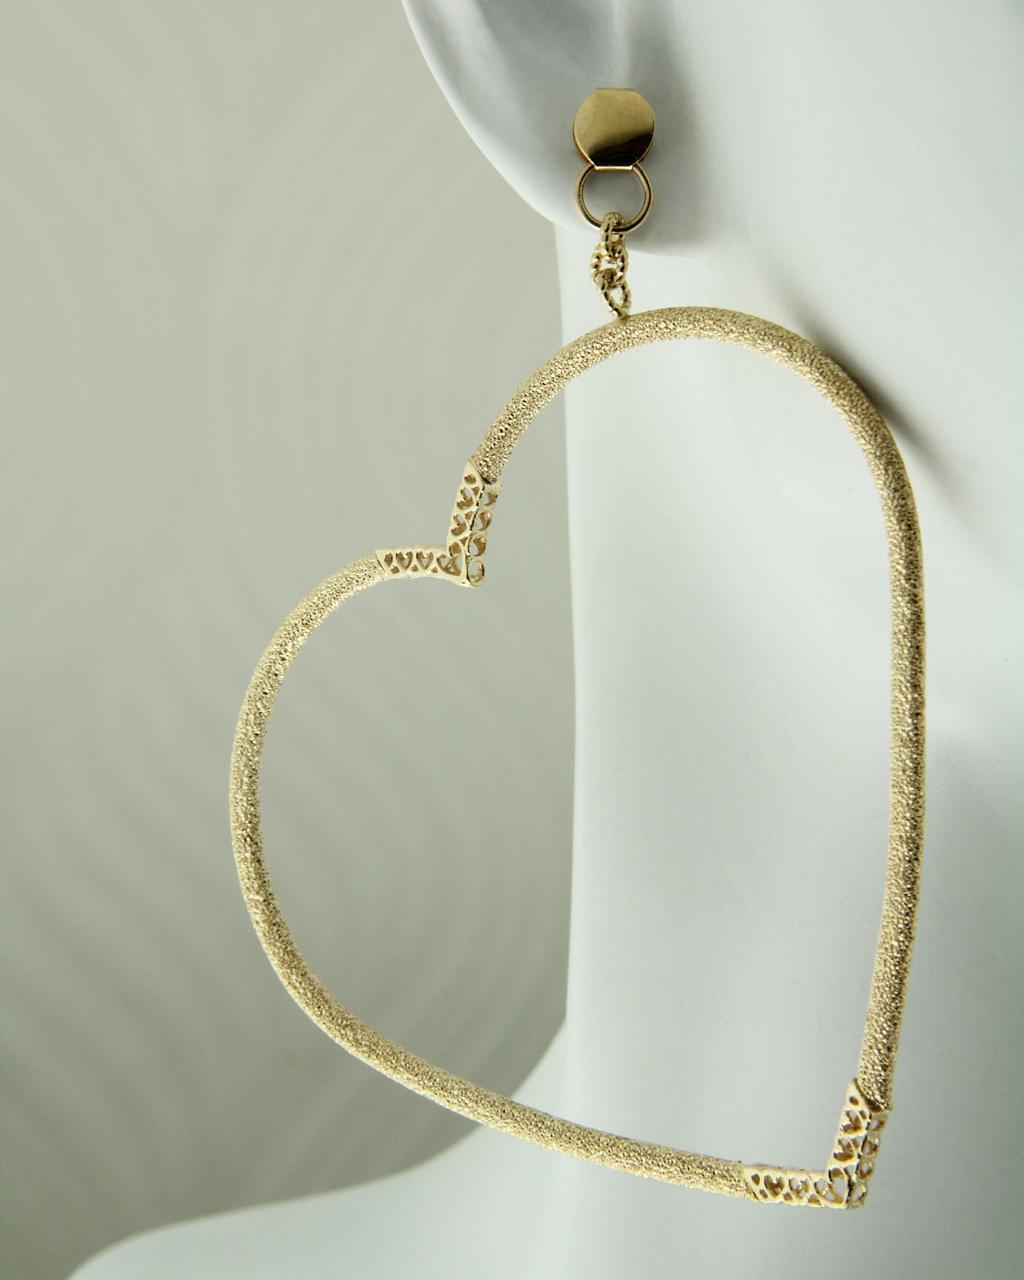 Σκουλαρίκια χρυσά Κ14   γυναικα κοσμήματα με καρδιές